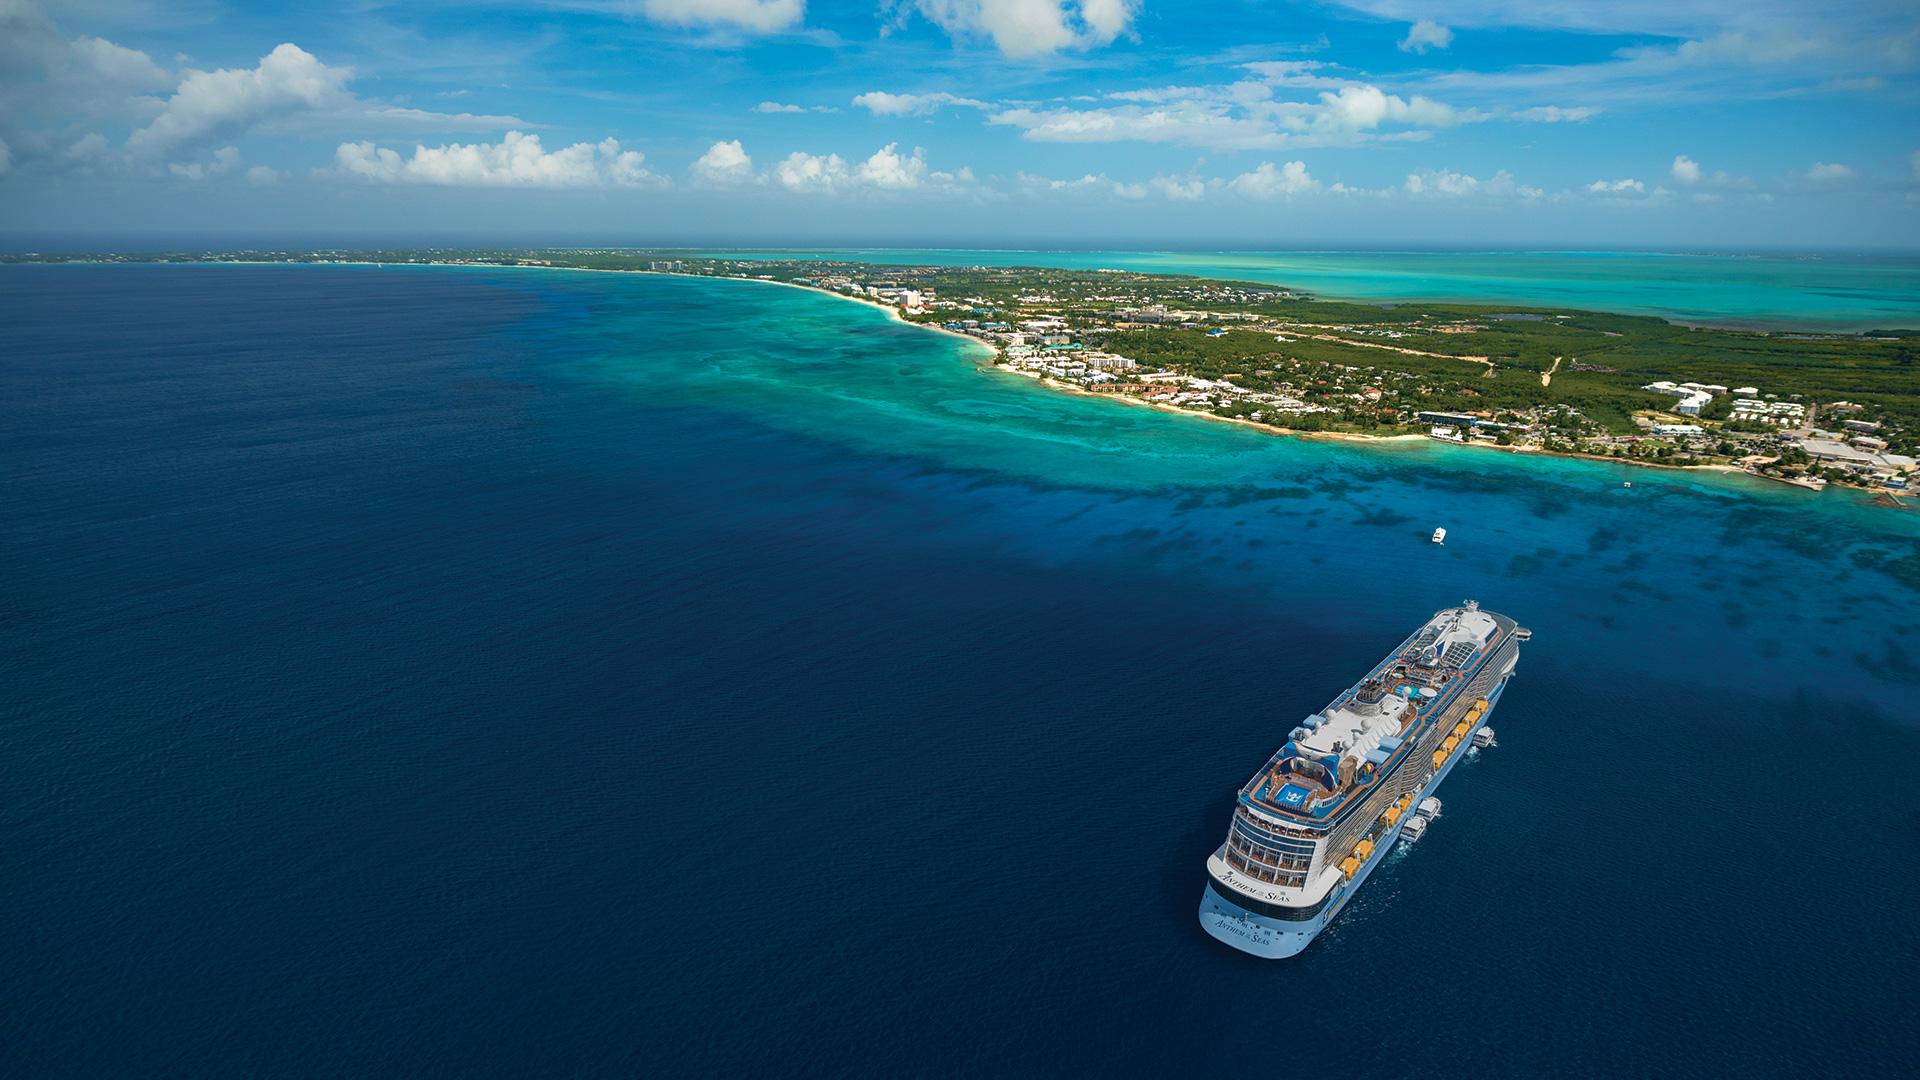 Exotiska Bahamas med Anthem of the Seas - Den här kryssningen avgår från New York 15 februari och tar dig under åtta nätter till några av Bahamas vackraste öar. Du går också i land i Port Canaveral som är porten till bland annat Disney World. Från 10 582 kronor per person.